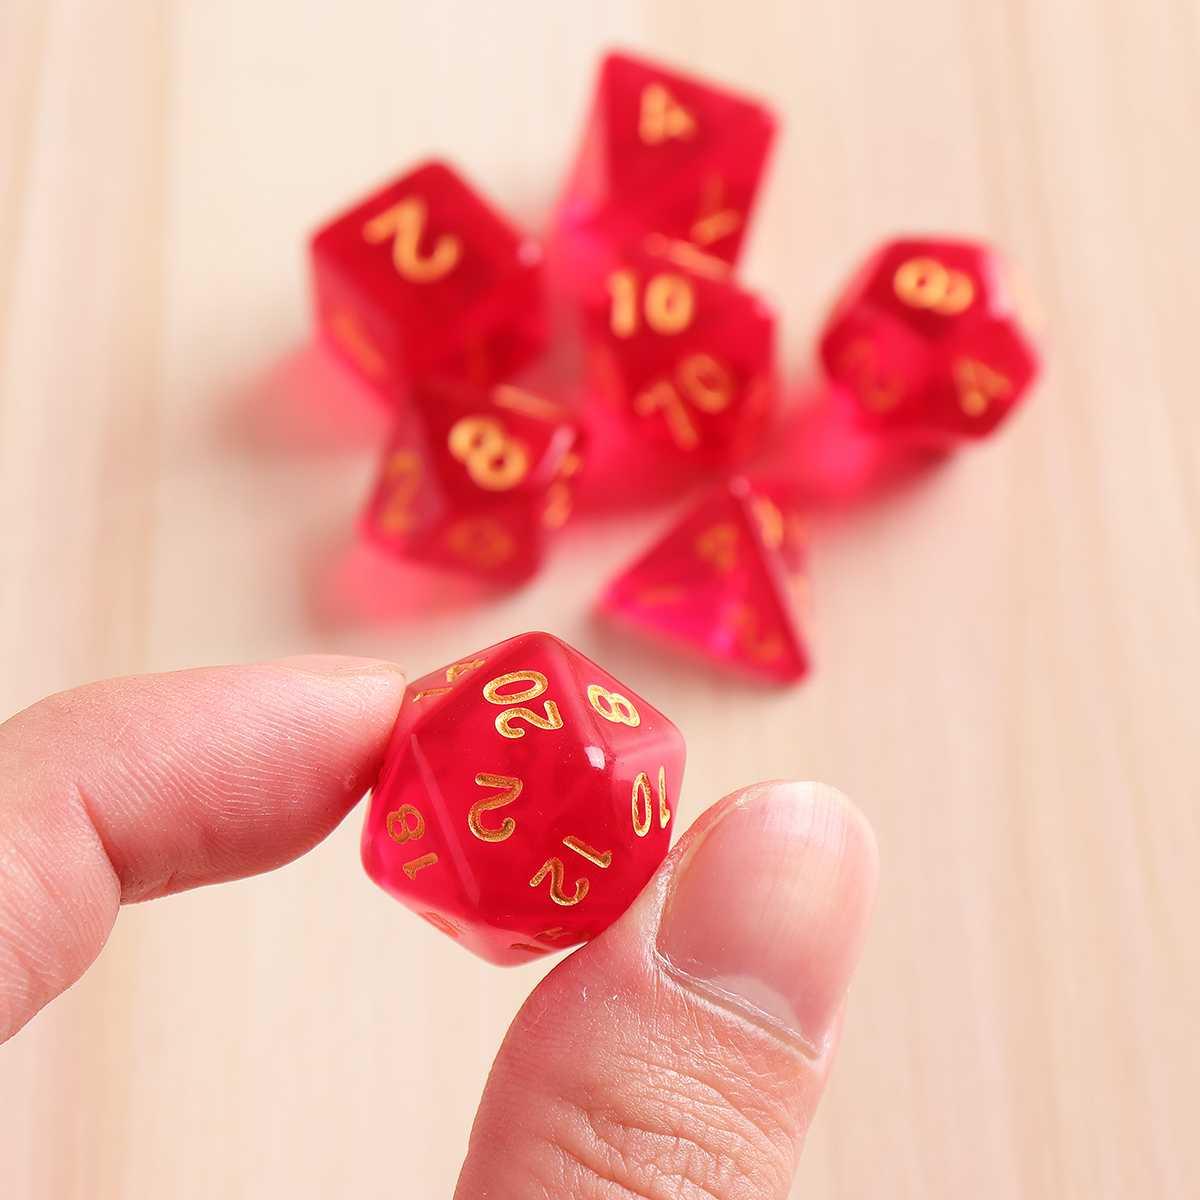 7 pces conjunto de dados multisided vermelho polyhedral acrílico diques role playing jogo de poker d & d rpg 4 6 8 10 12 20 D4-D20 com saco